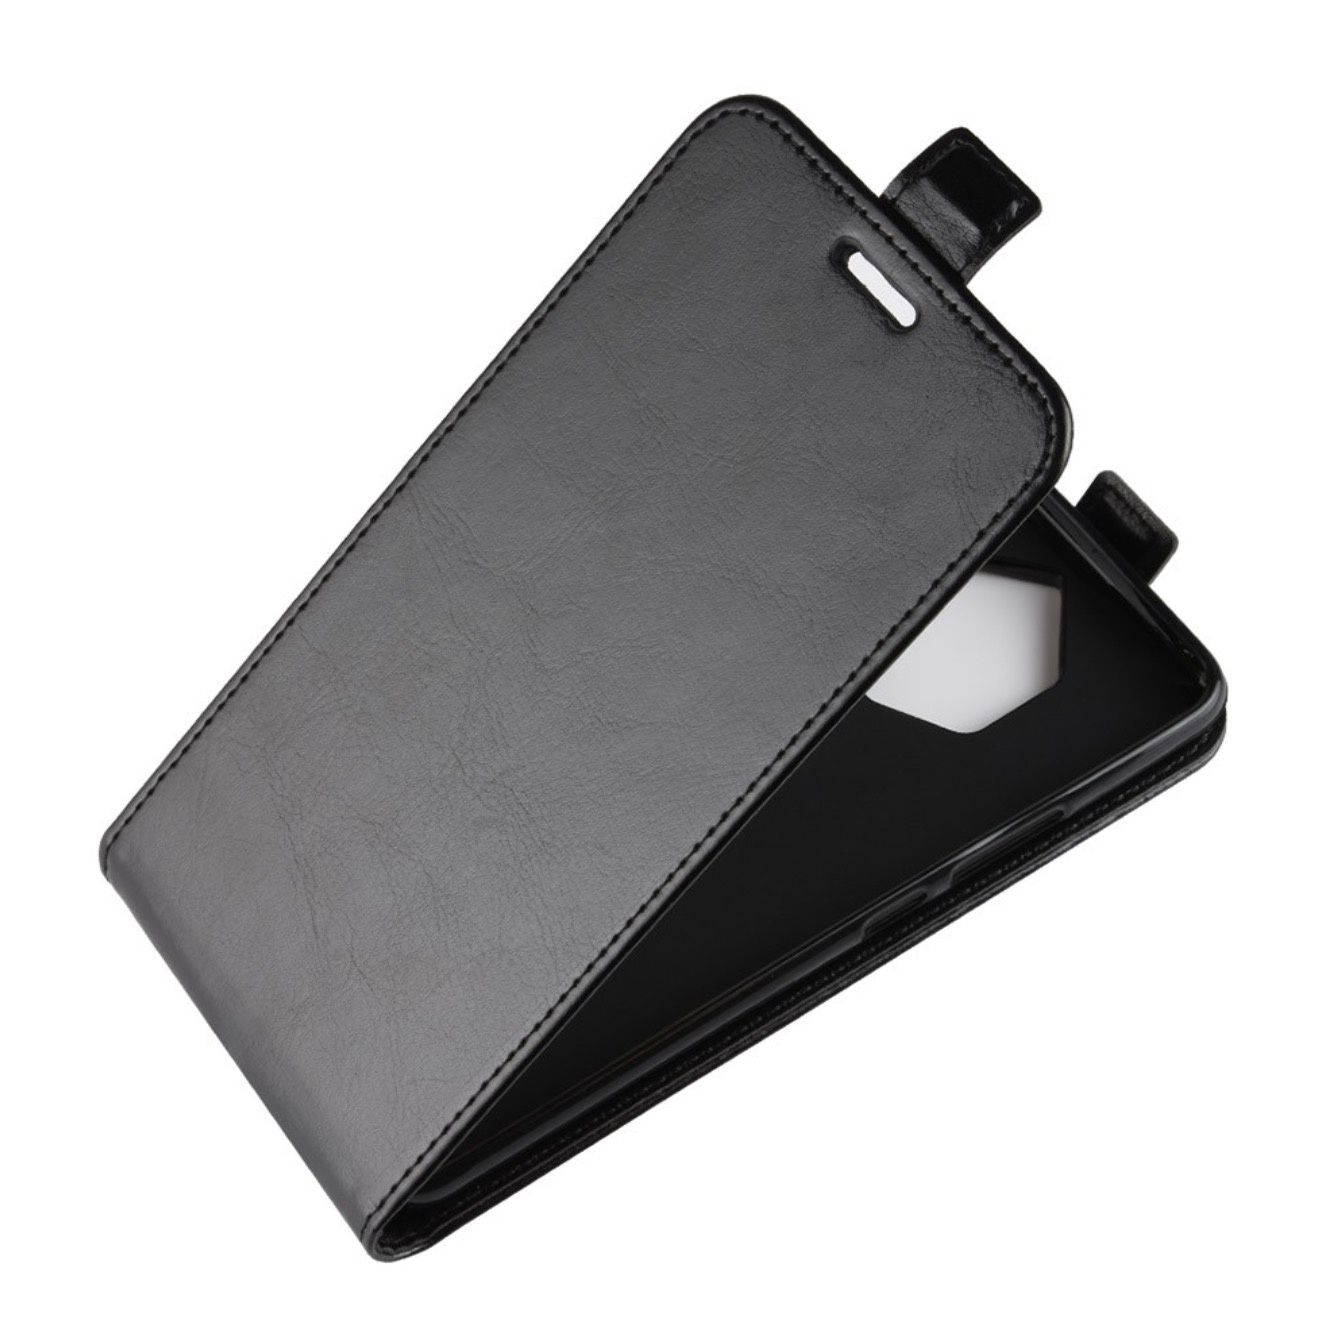 Чехол-флип MyPads для HTC One E8 вертикальный откидной черный